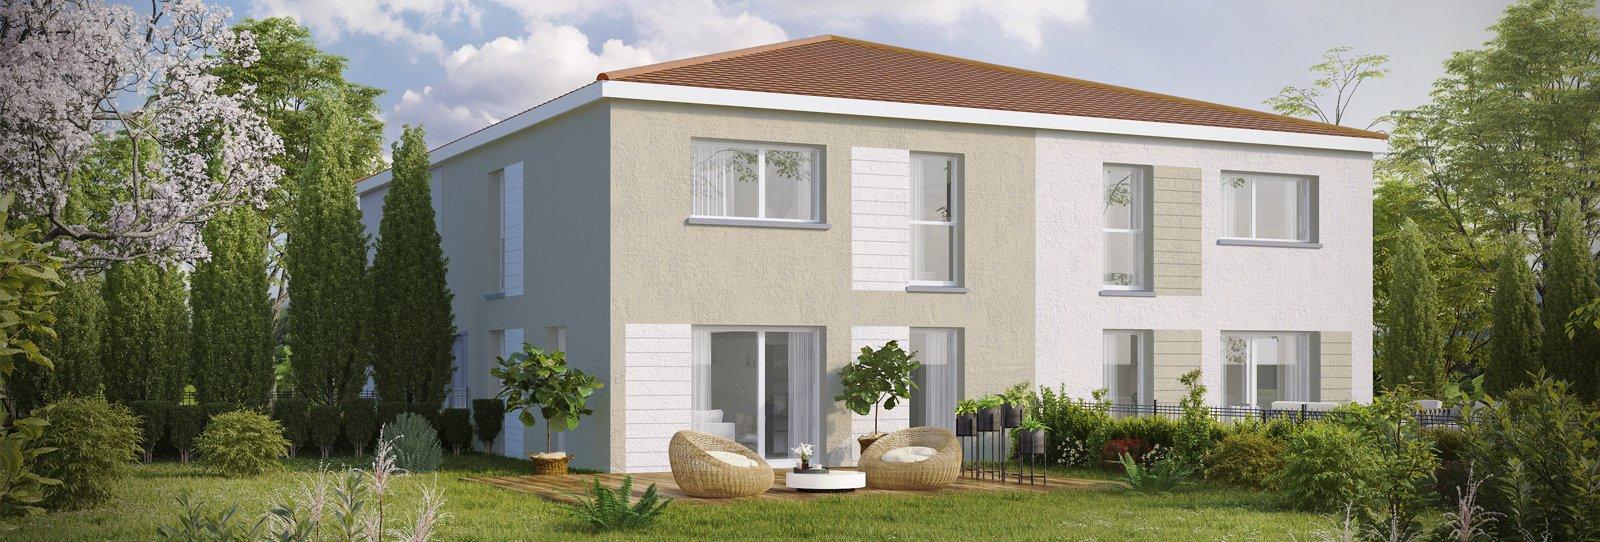 Maisons, appartements neufs Labastidette - Les Carres Horizon